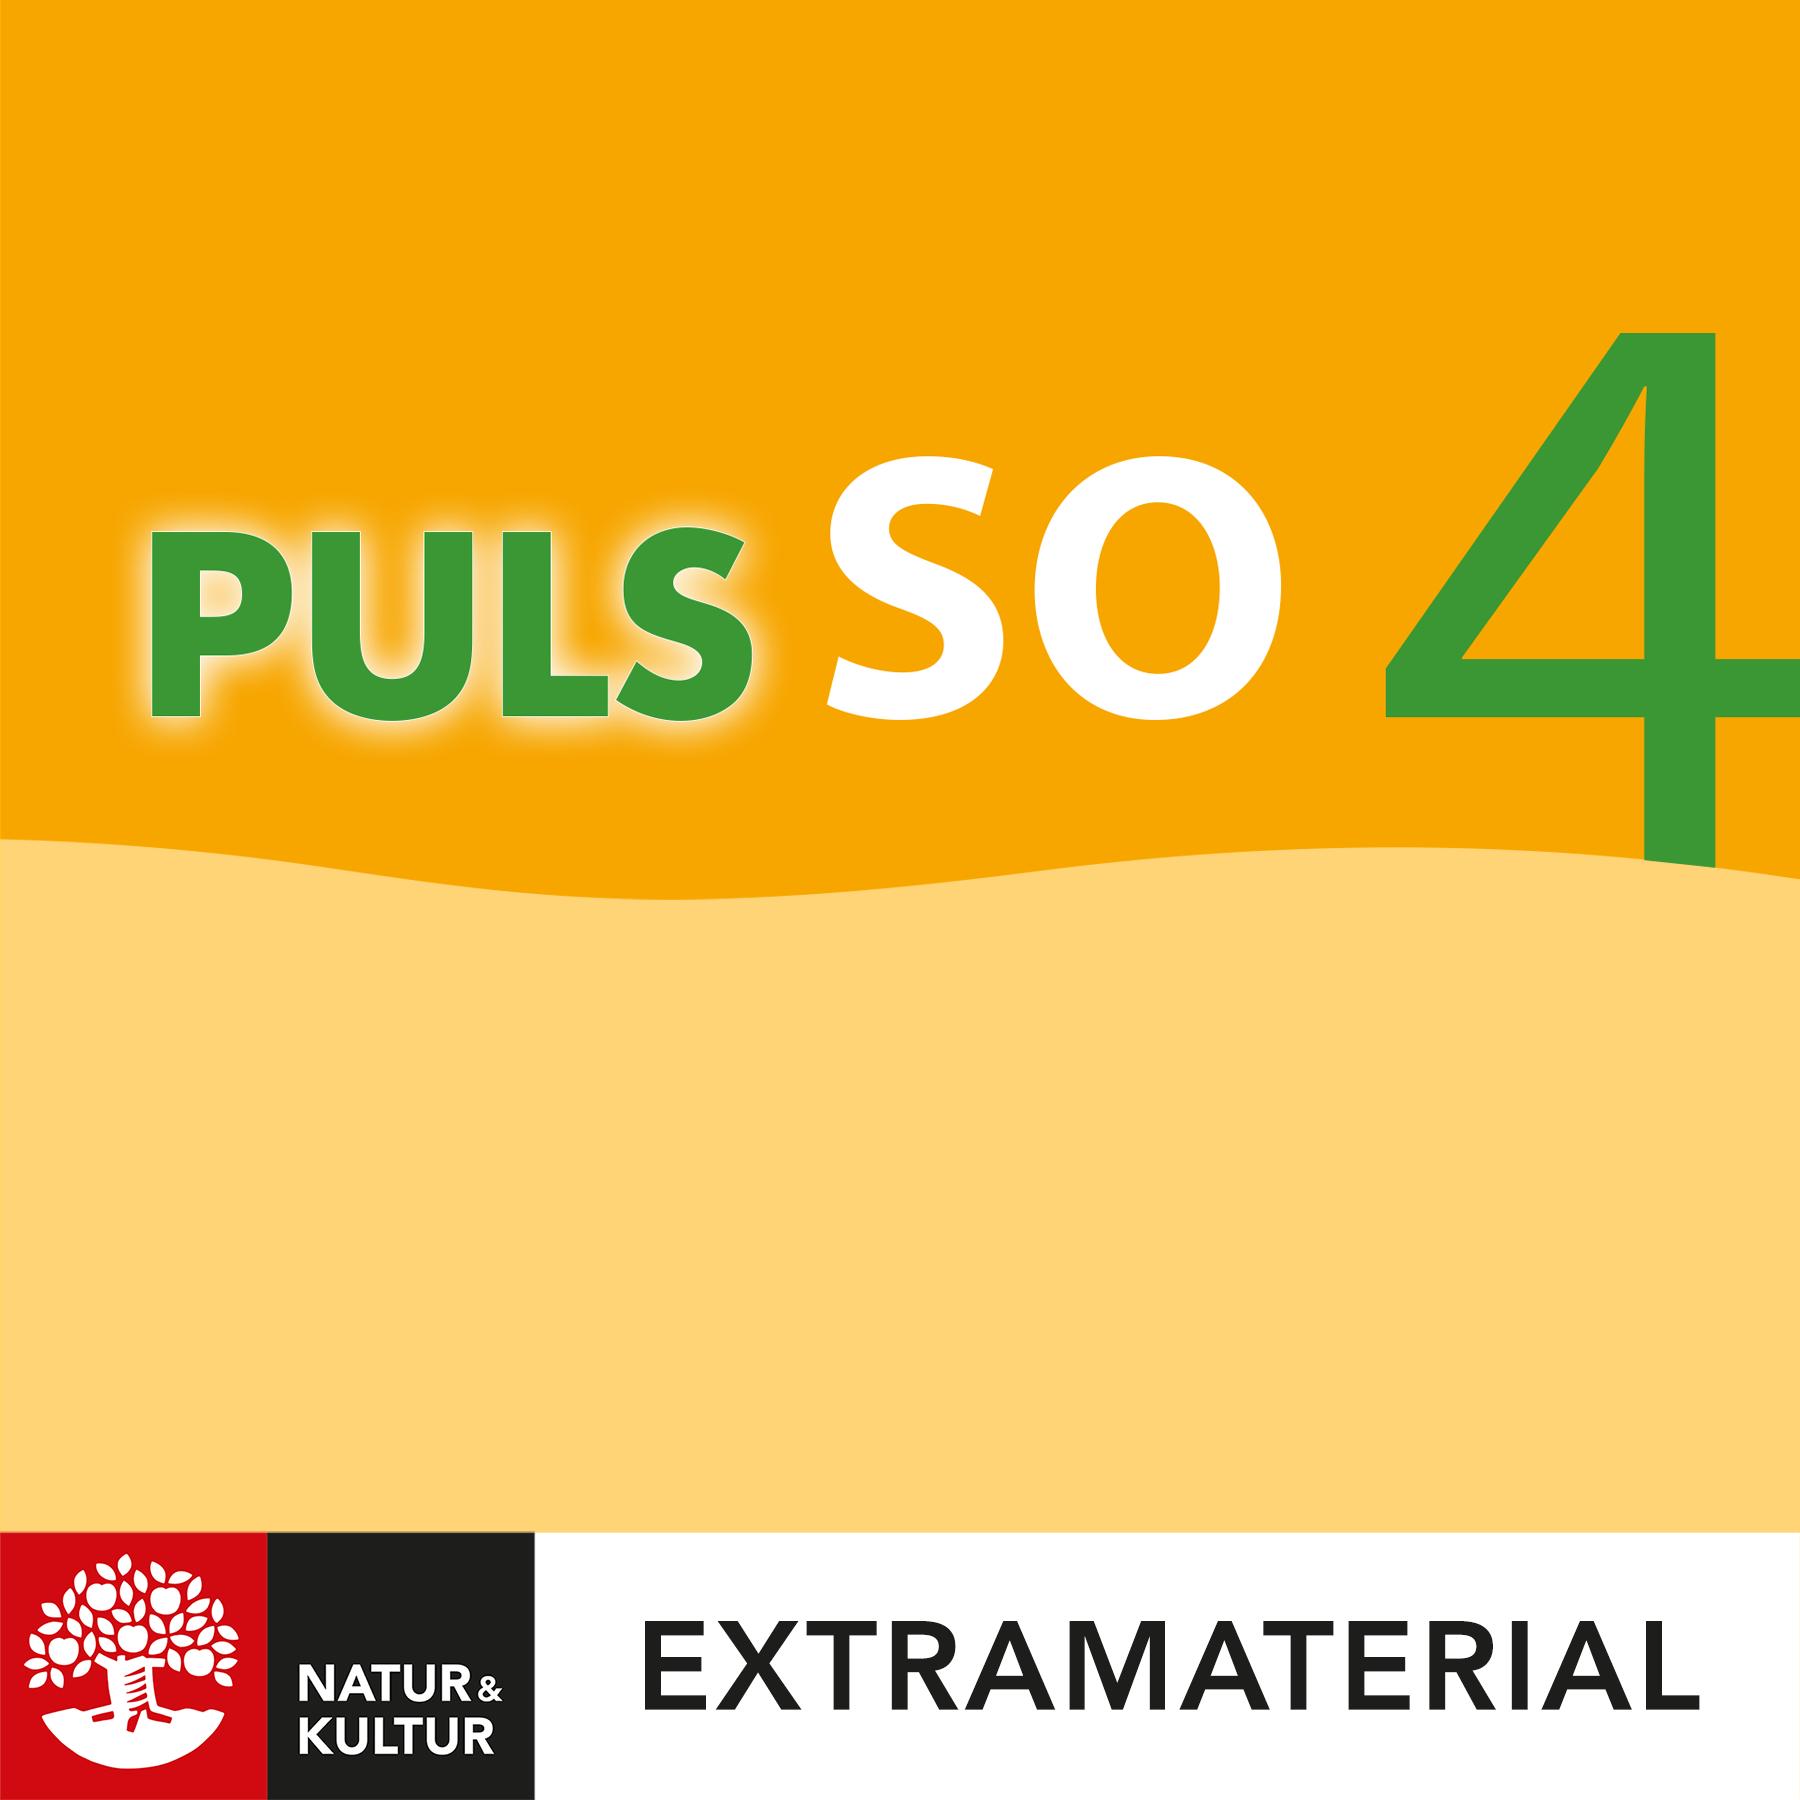 PULS SO åk 4